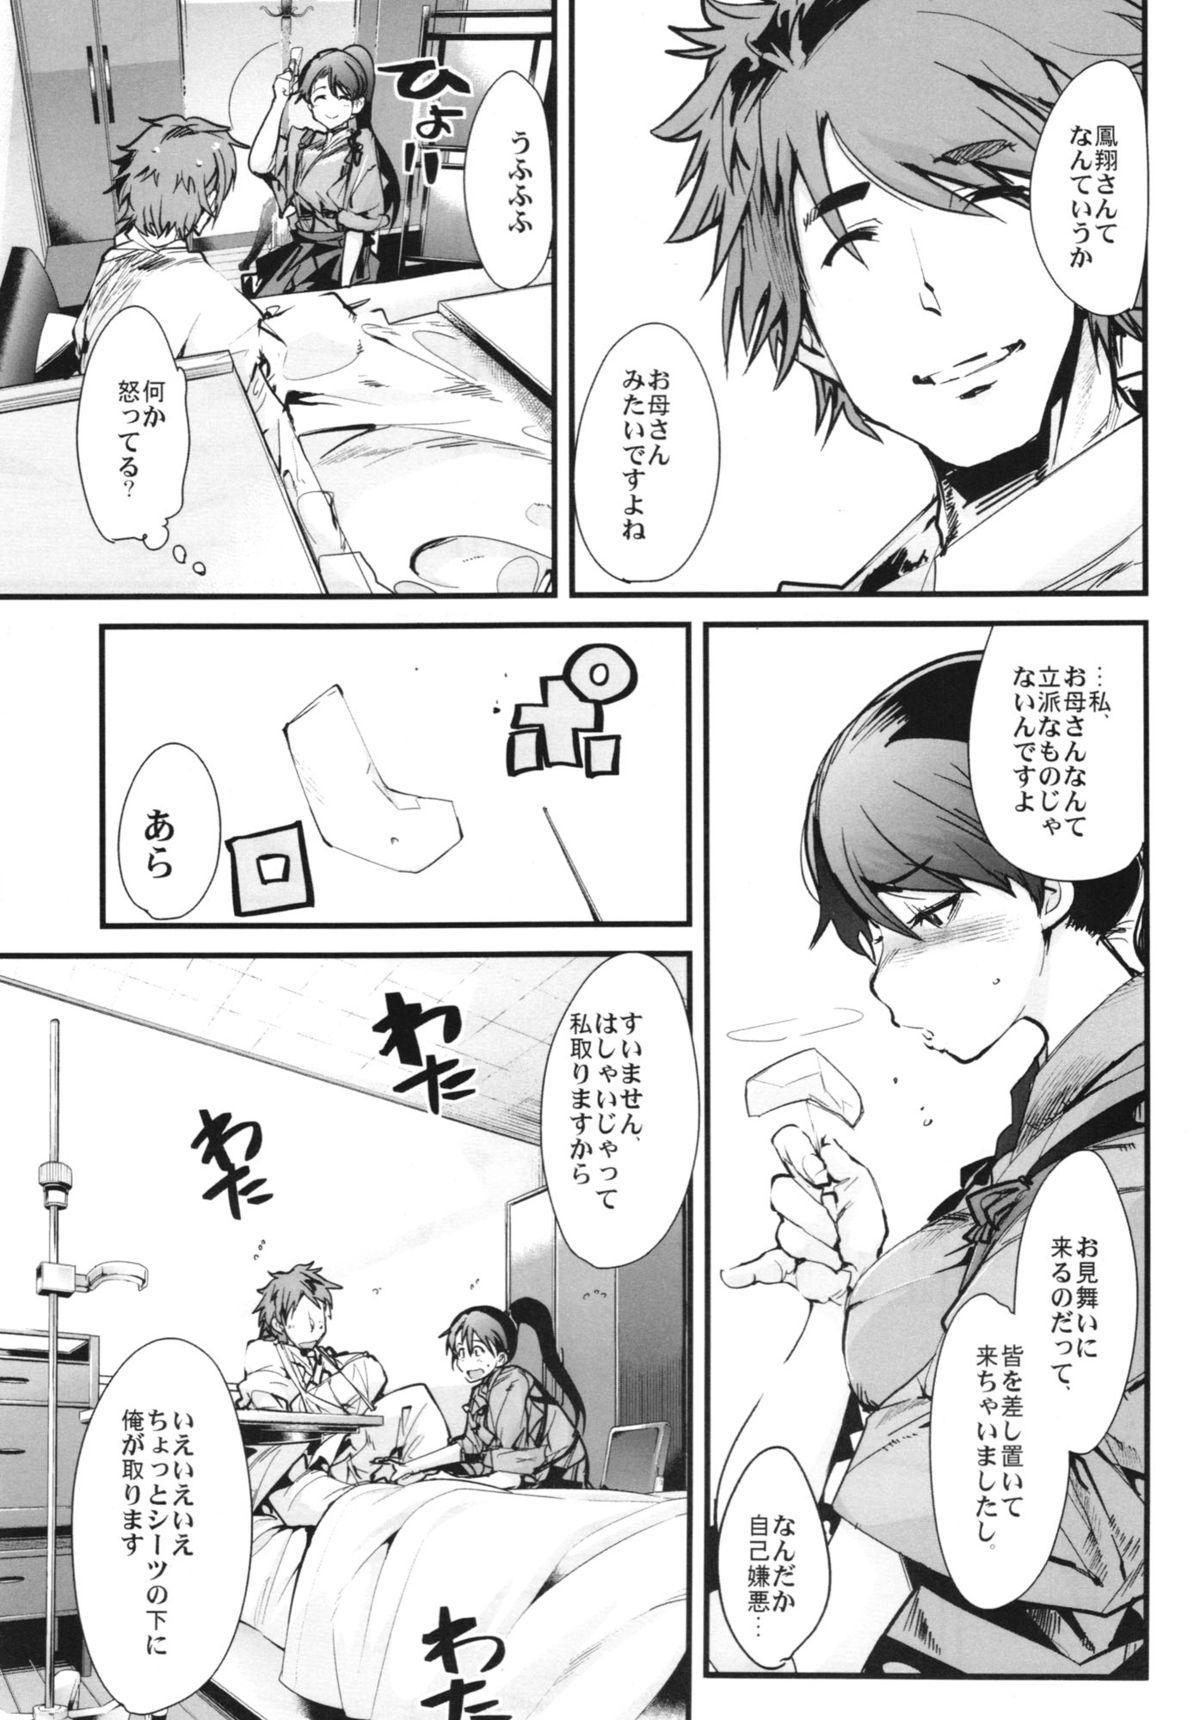 Ishin Denshin Houshou-san no Koibito 6